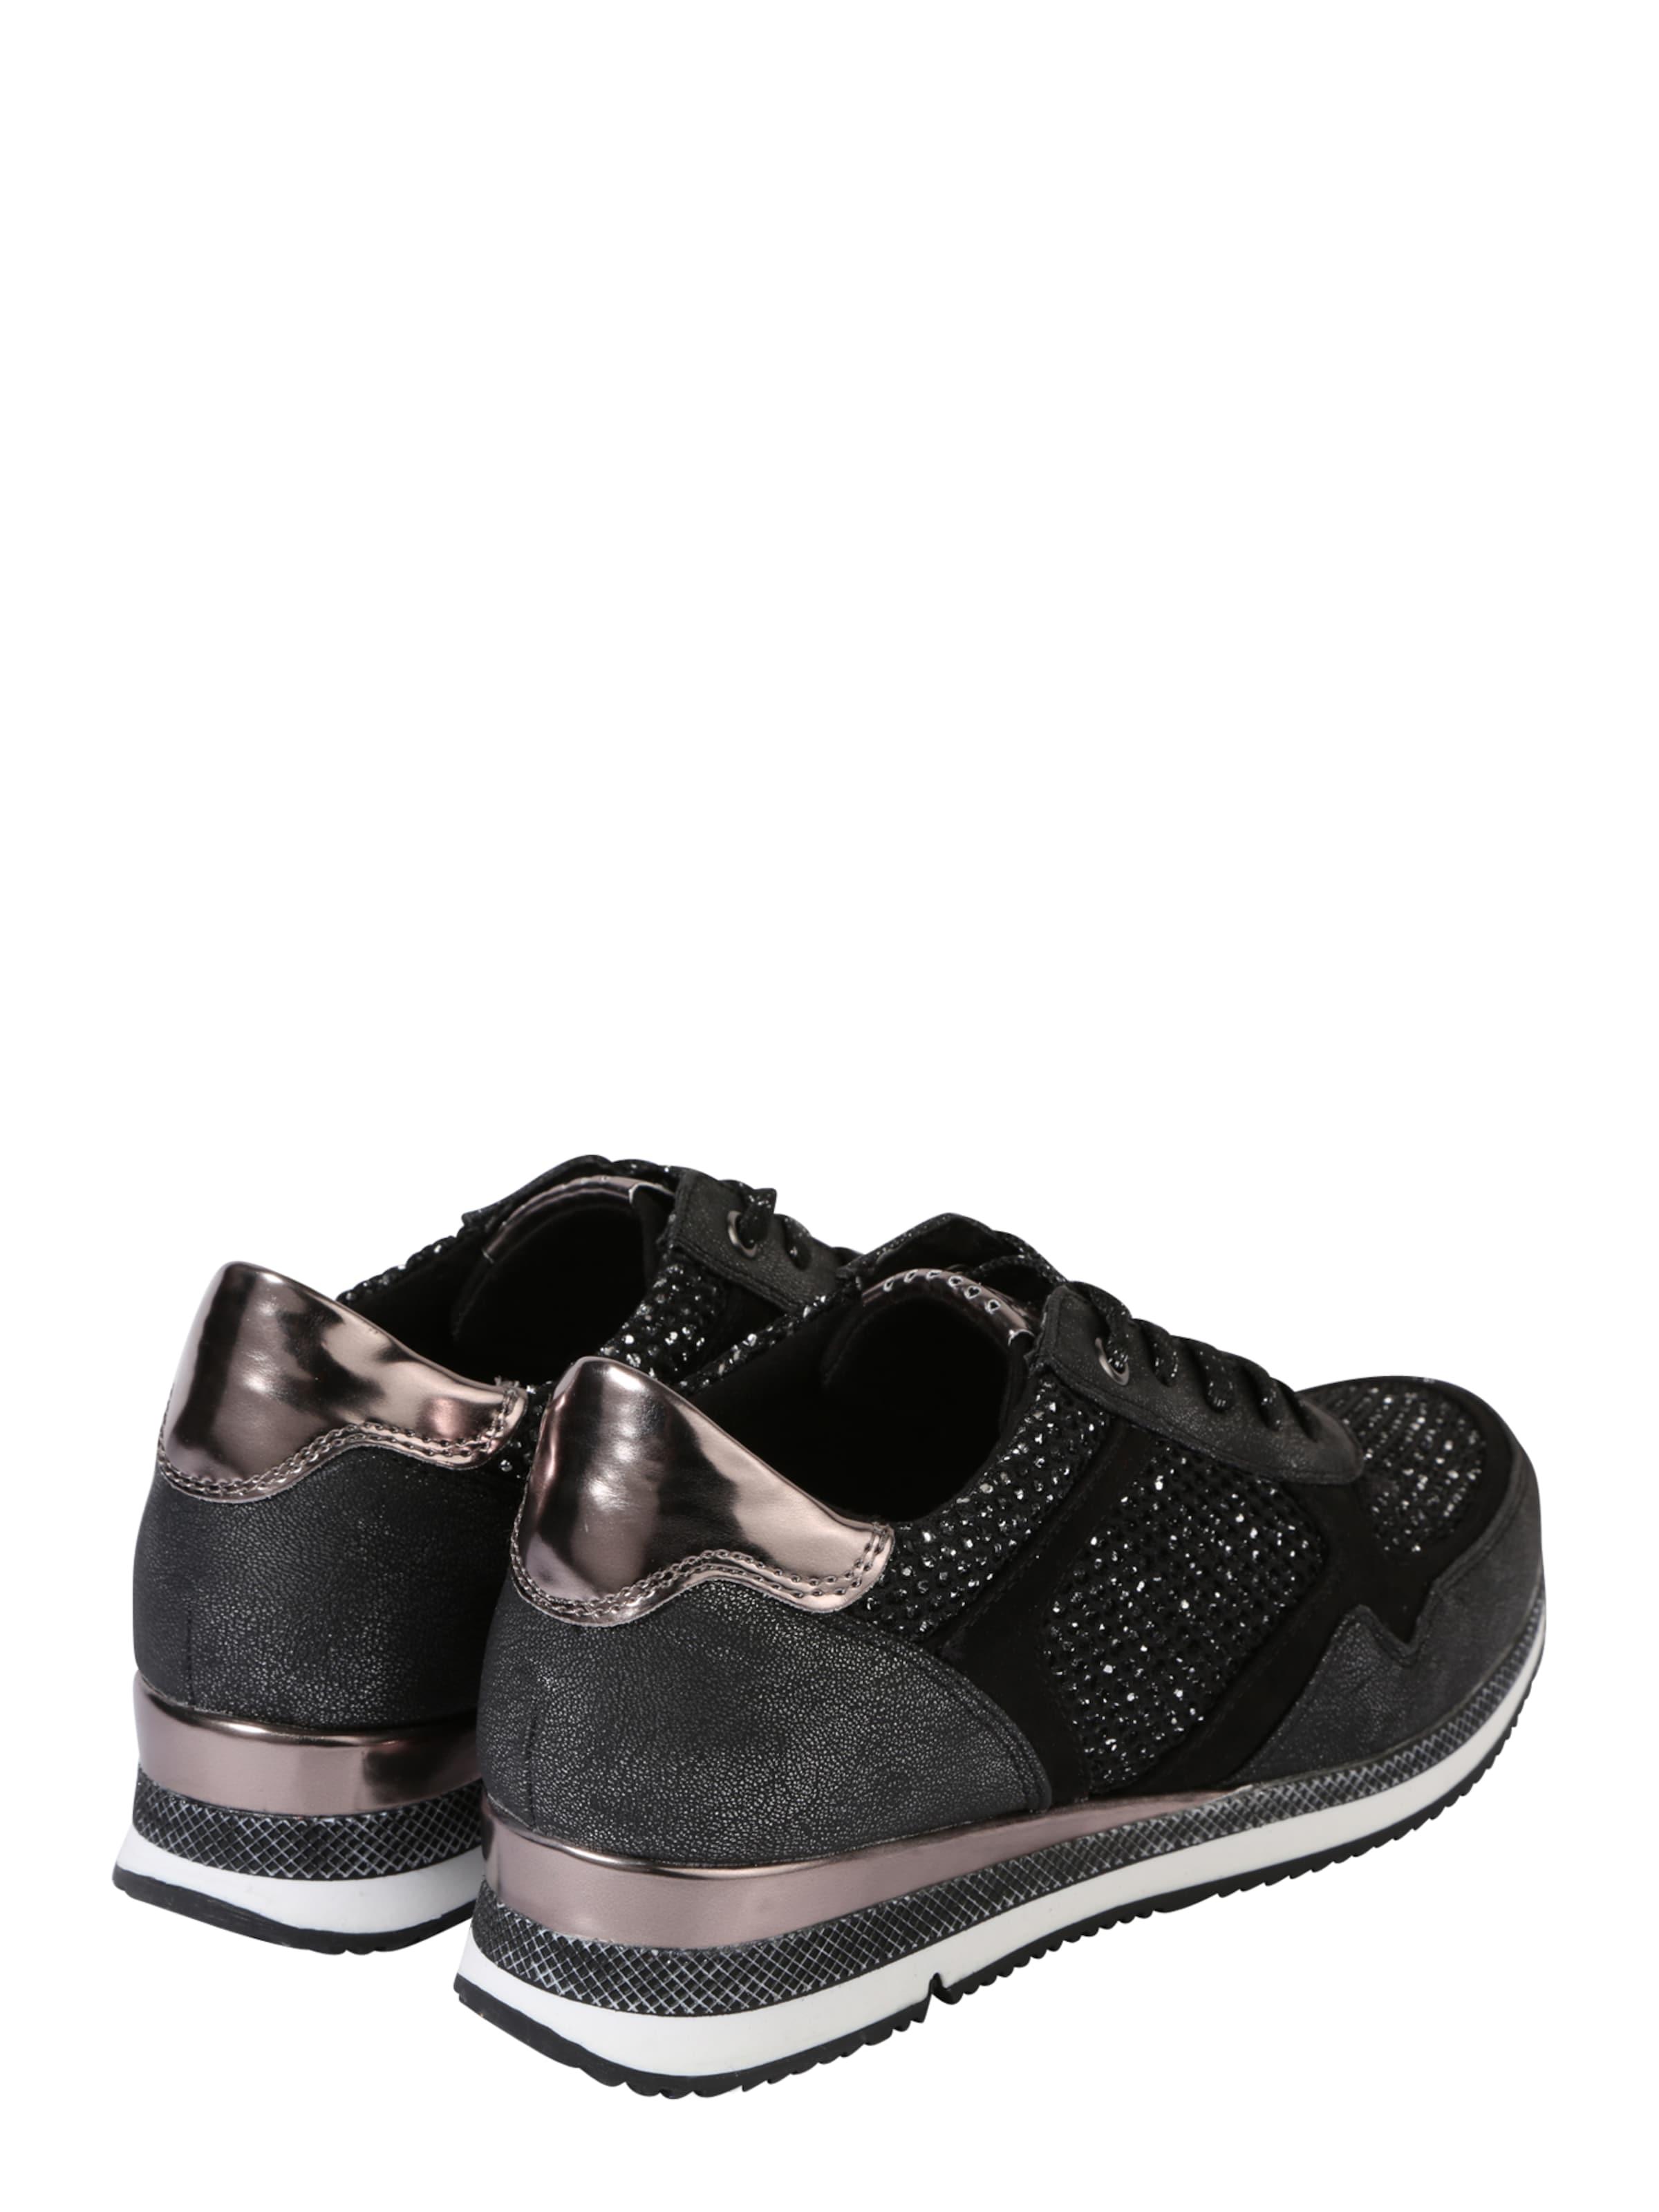 MARCO TOZZI Sneaker mit viel Glitzer Billig Erkunden KcsF38V